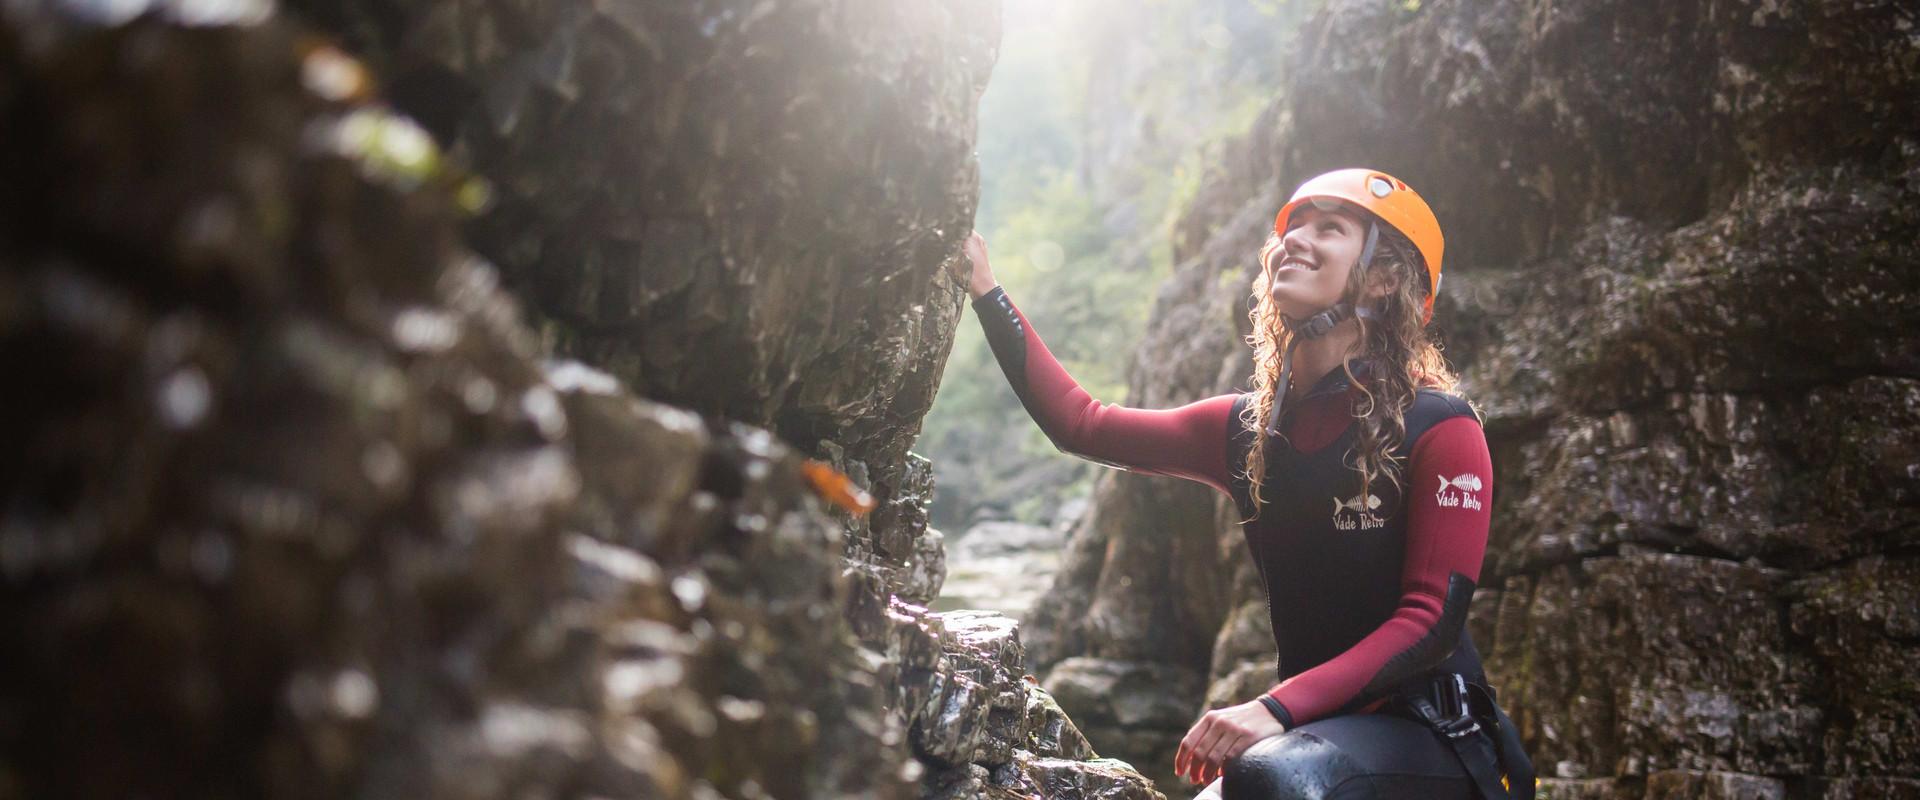 Beim Canyoning im Wiestal schaut eine junge Frau lächelnd die Felswand hinaus